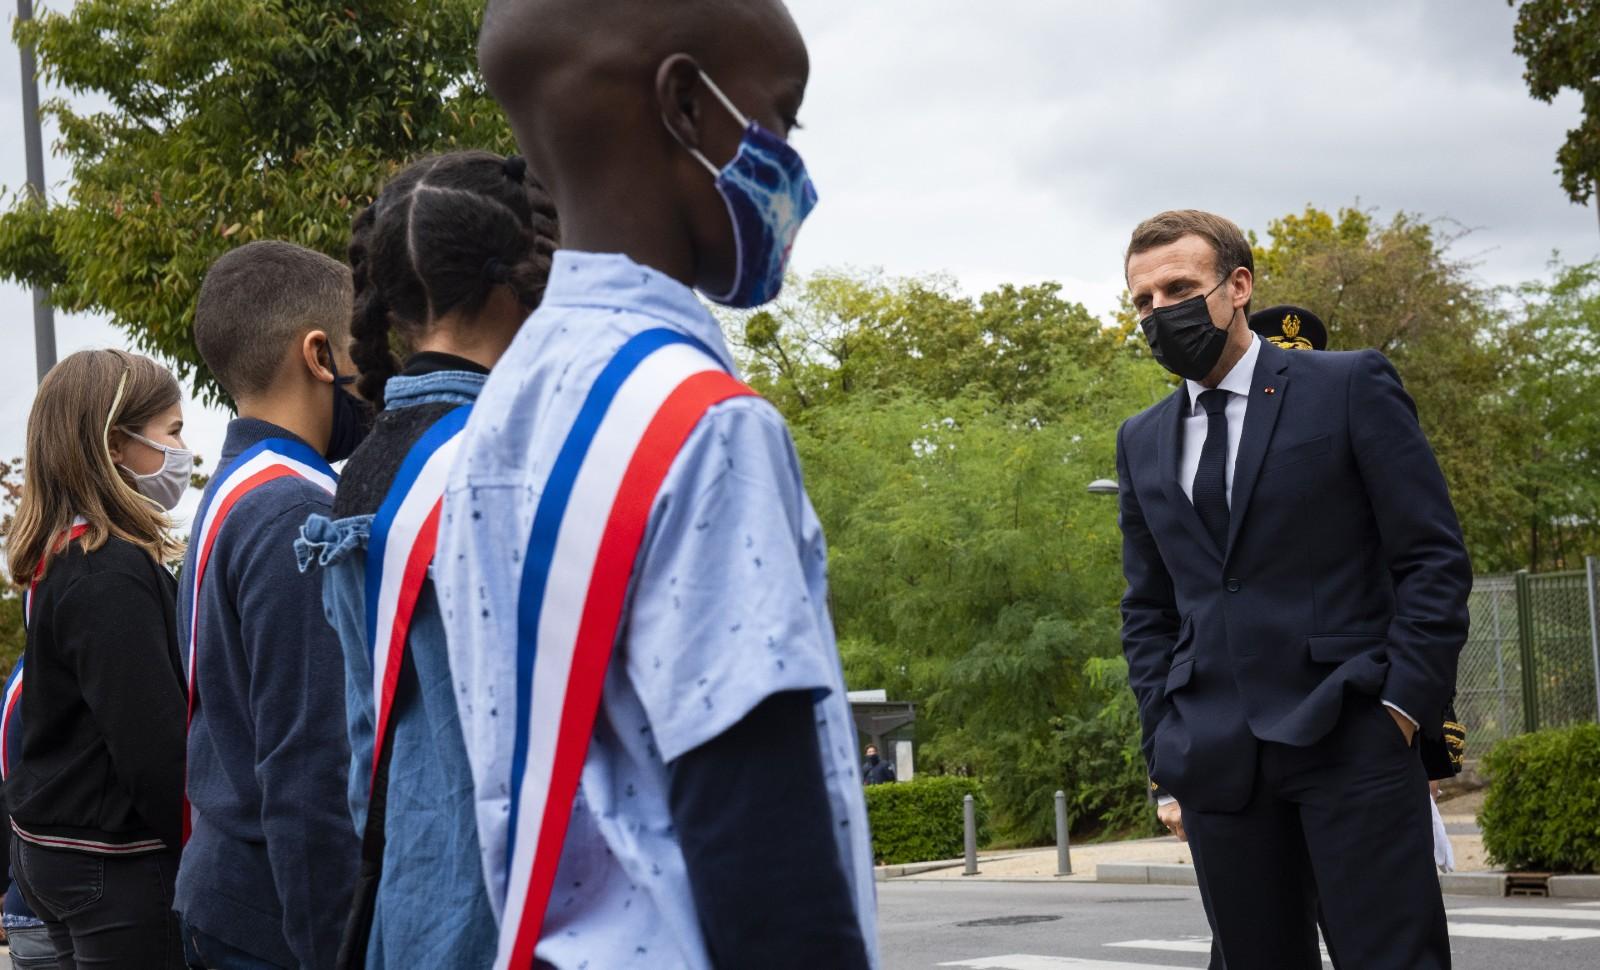 Le président Emmanuel Macron aux Mureaux (78), le 2 octobre 2020 © Eric TSCHAEN/POOL/SIPA Numéro de reportage : 00984097_000011.